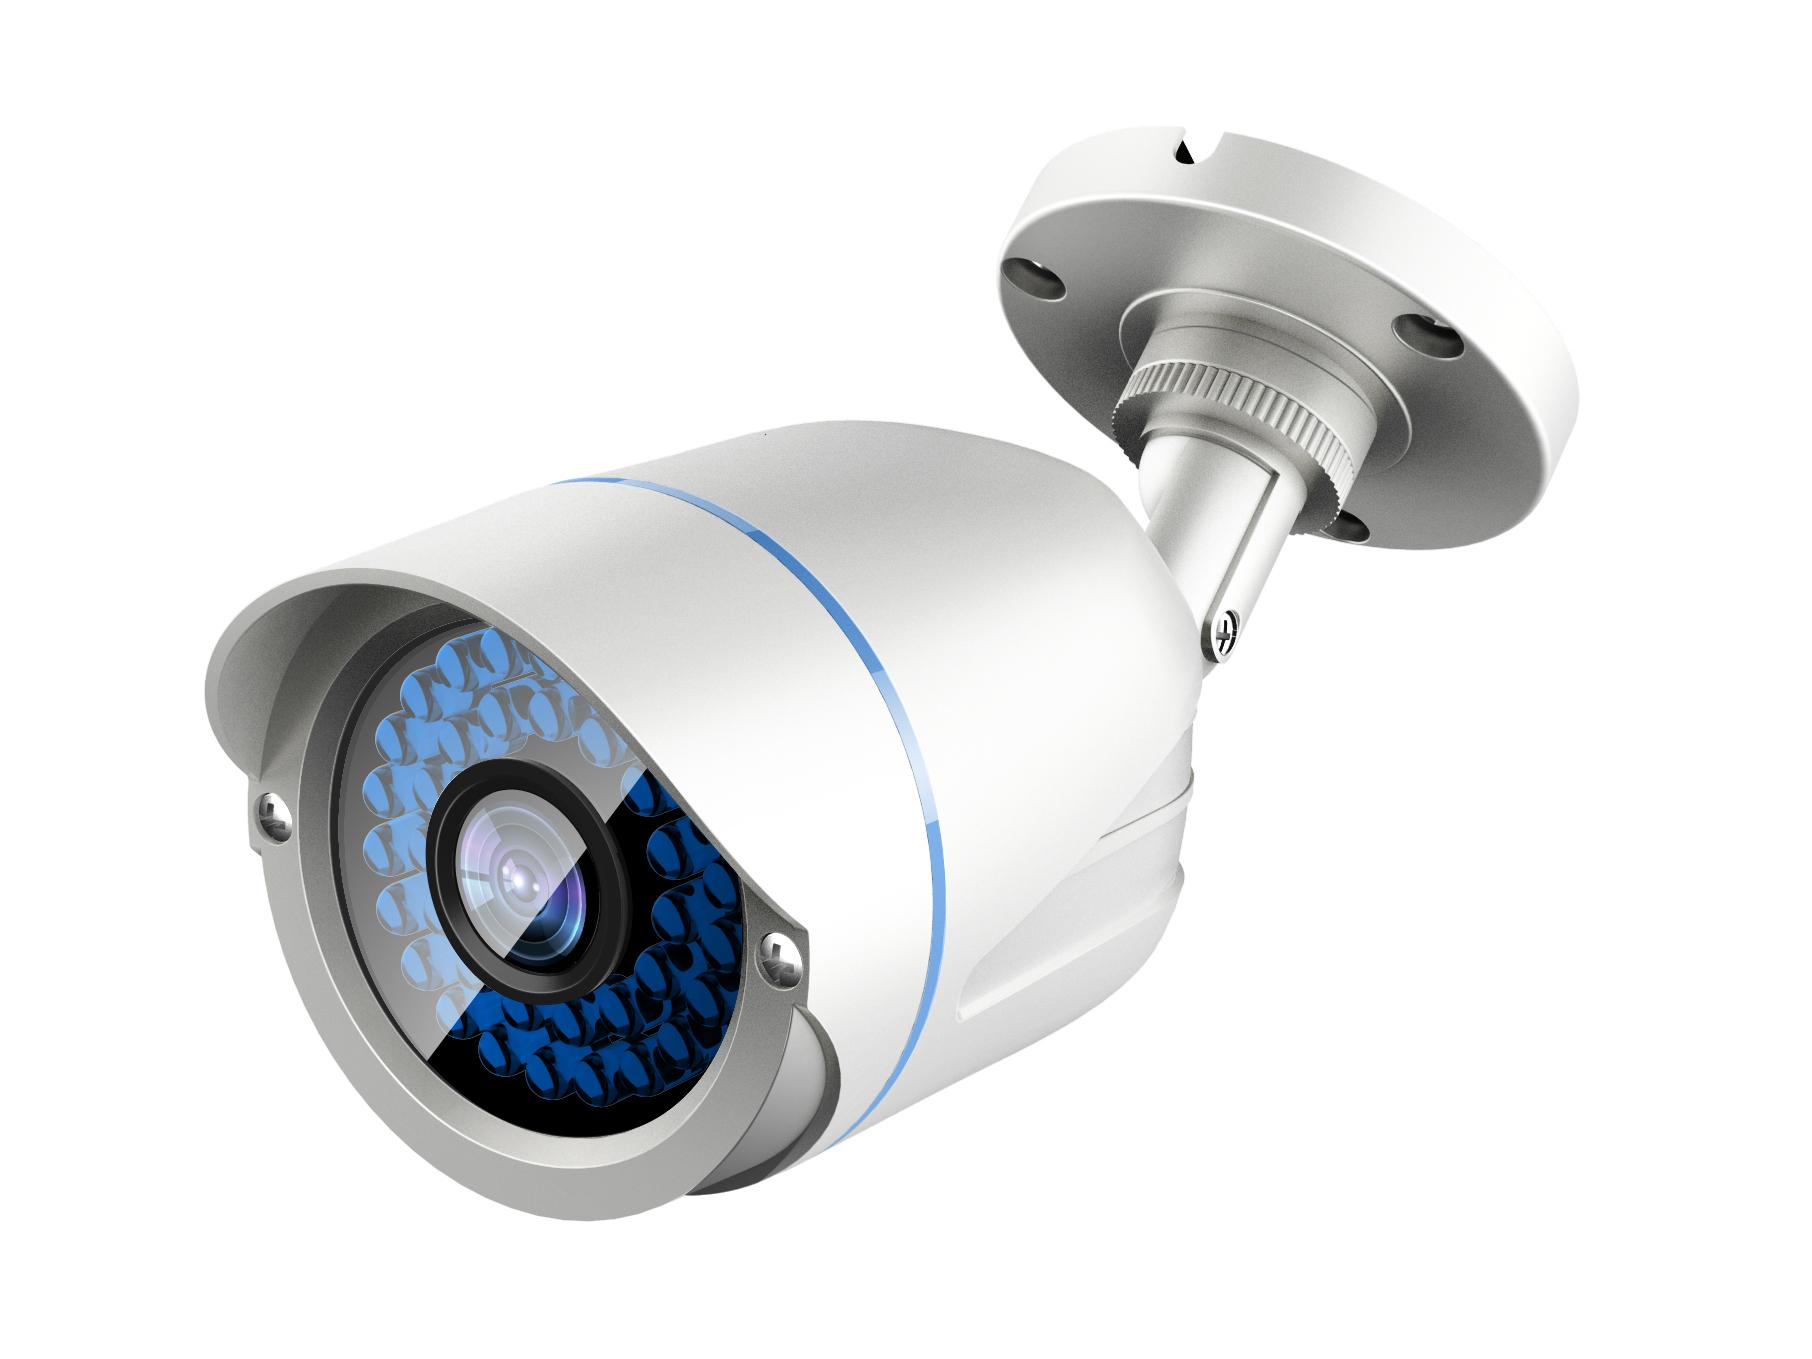 ACS-5601 CáMARA DE SEGURIDAD CCTV EXTERIOR BALA TECHO/PARED